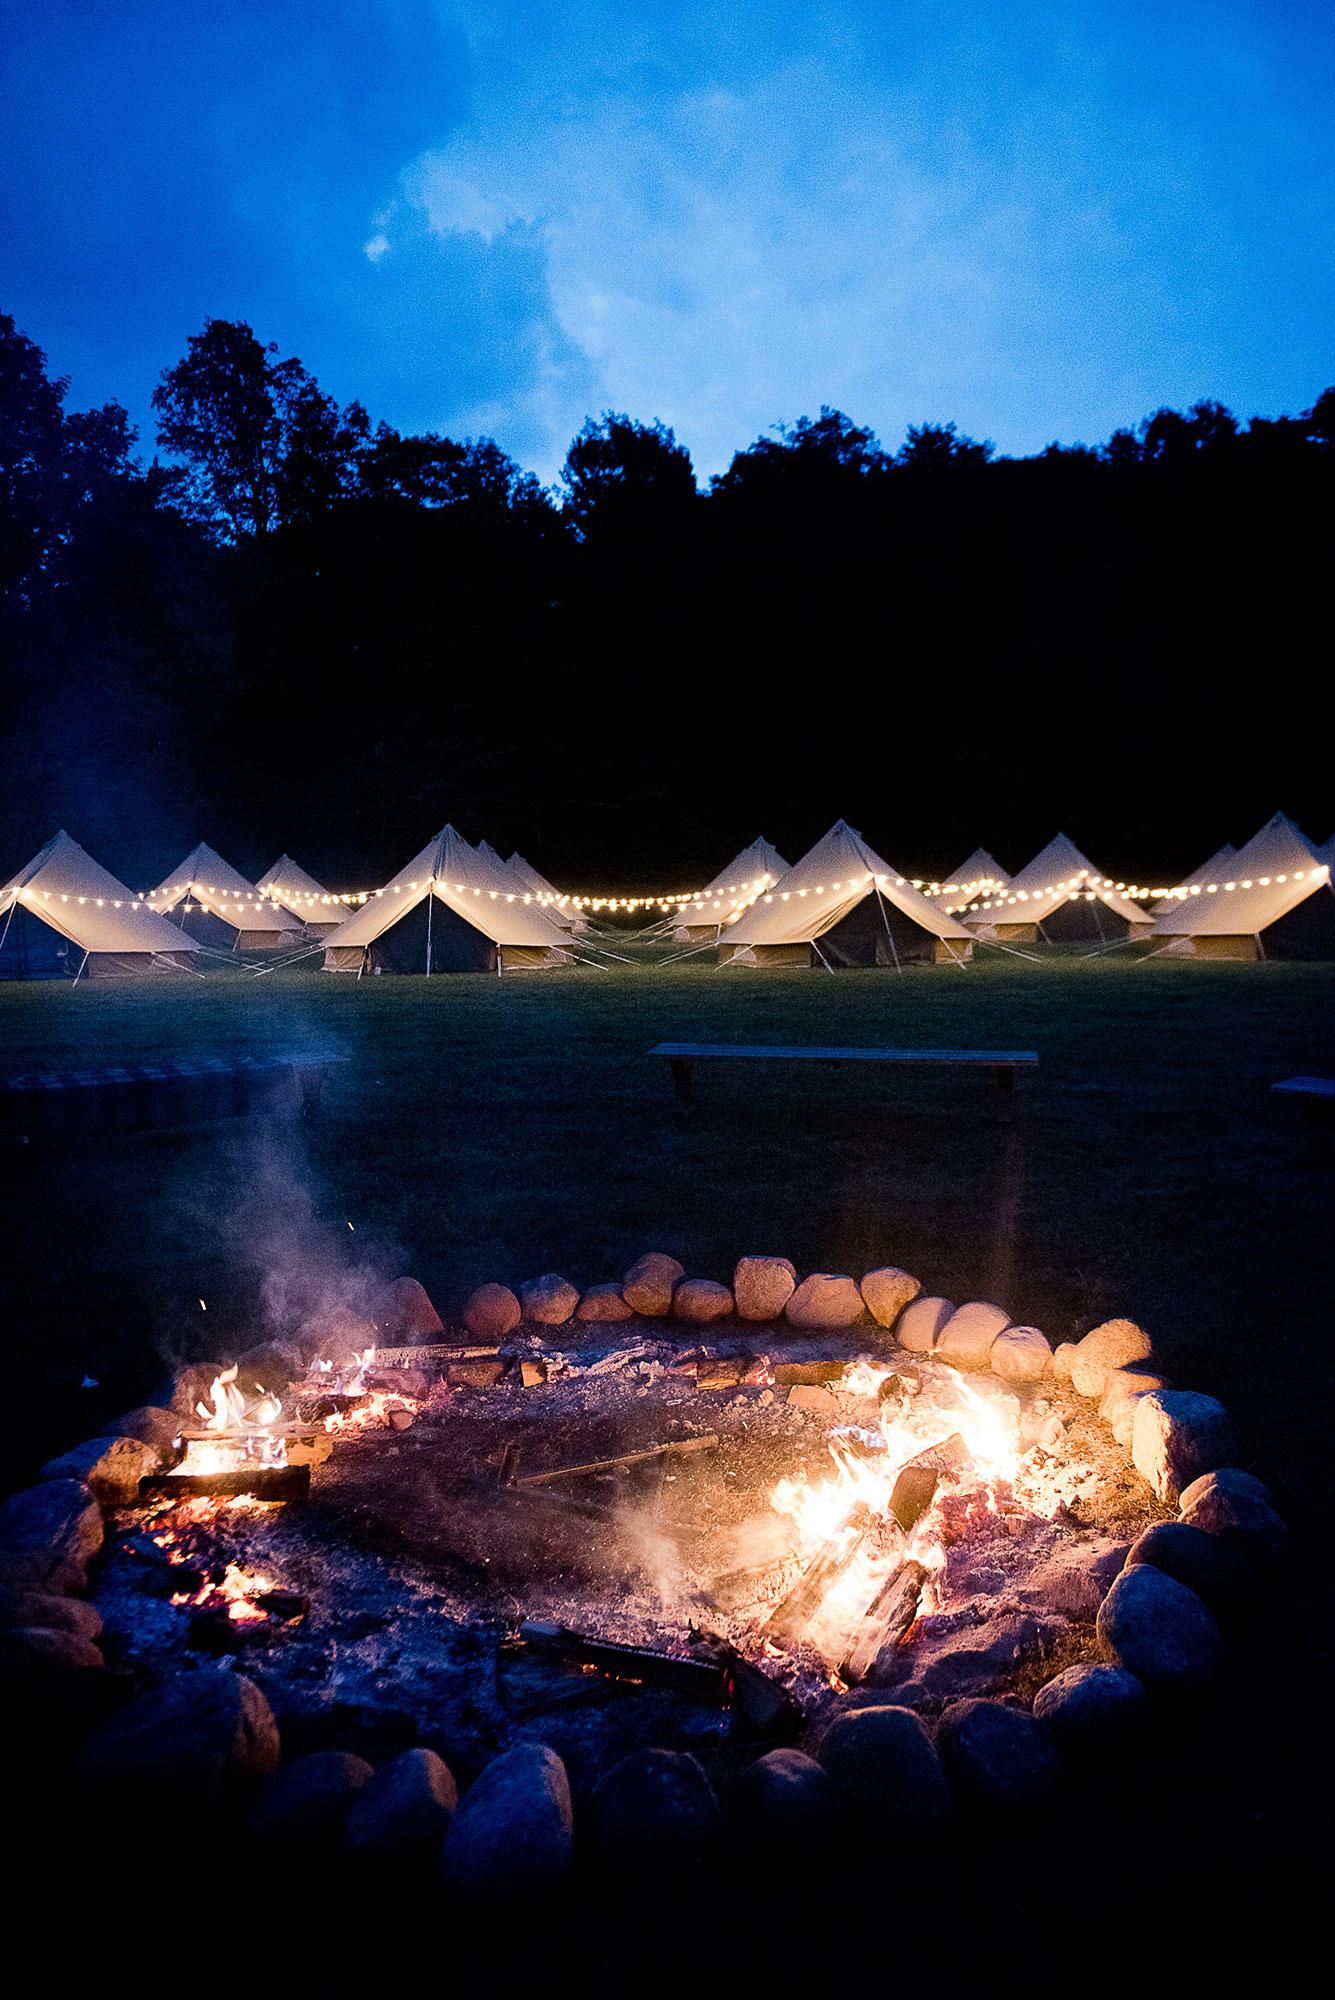 wilderness_wedding_campfire_guest_tents.jpg